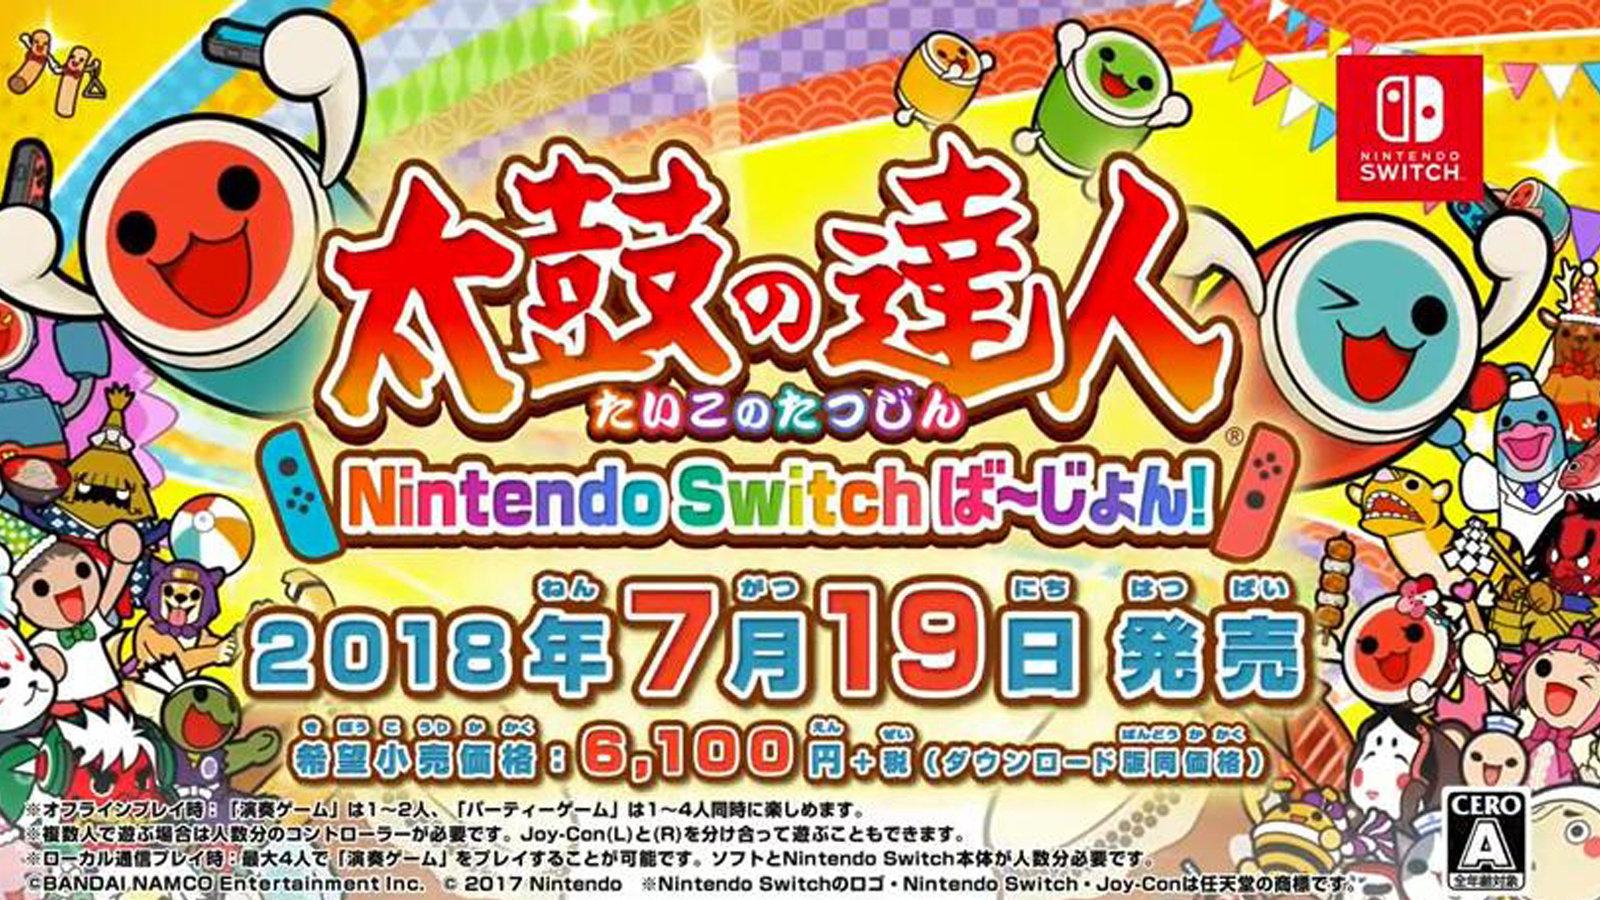 《太鼓达人 Nintendo Switch》公布发售日,7月19日中文版同步发售!